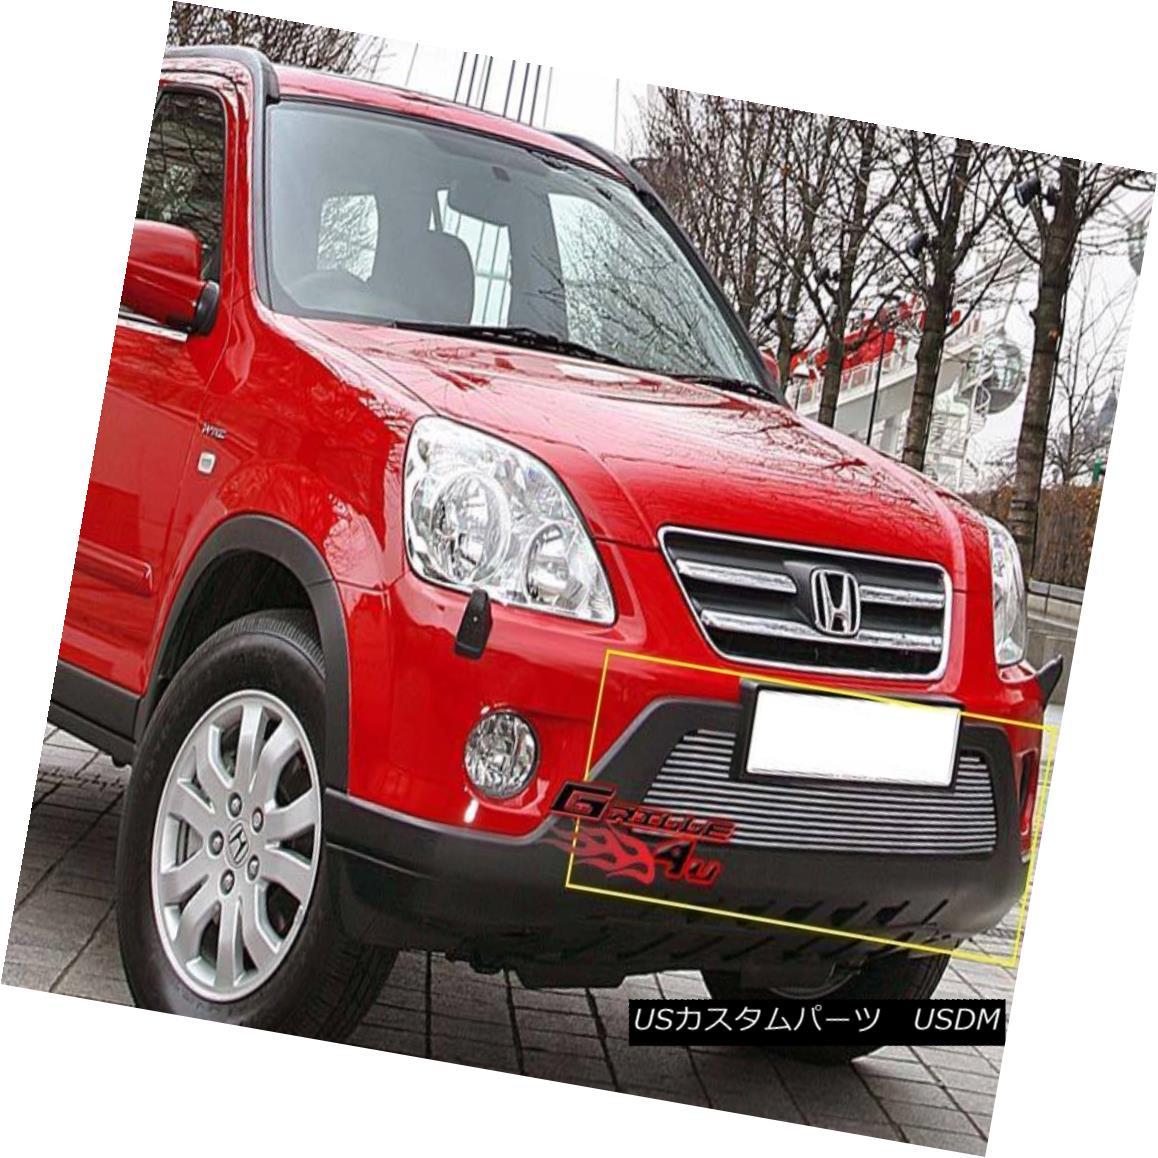 グリル Fits 2005-2006 Honda CR-V Lower Bumper Billet Grille Insert 2005-2006ホンダCR-Vロワーバンパービレットグリルインサートに適合